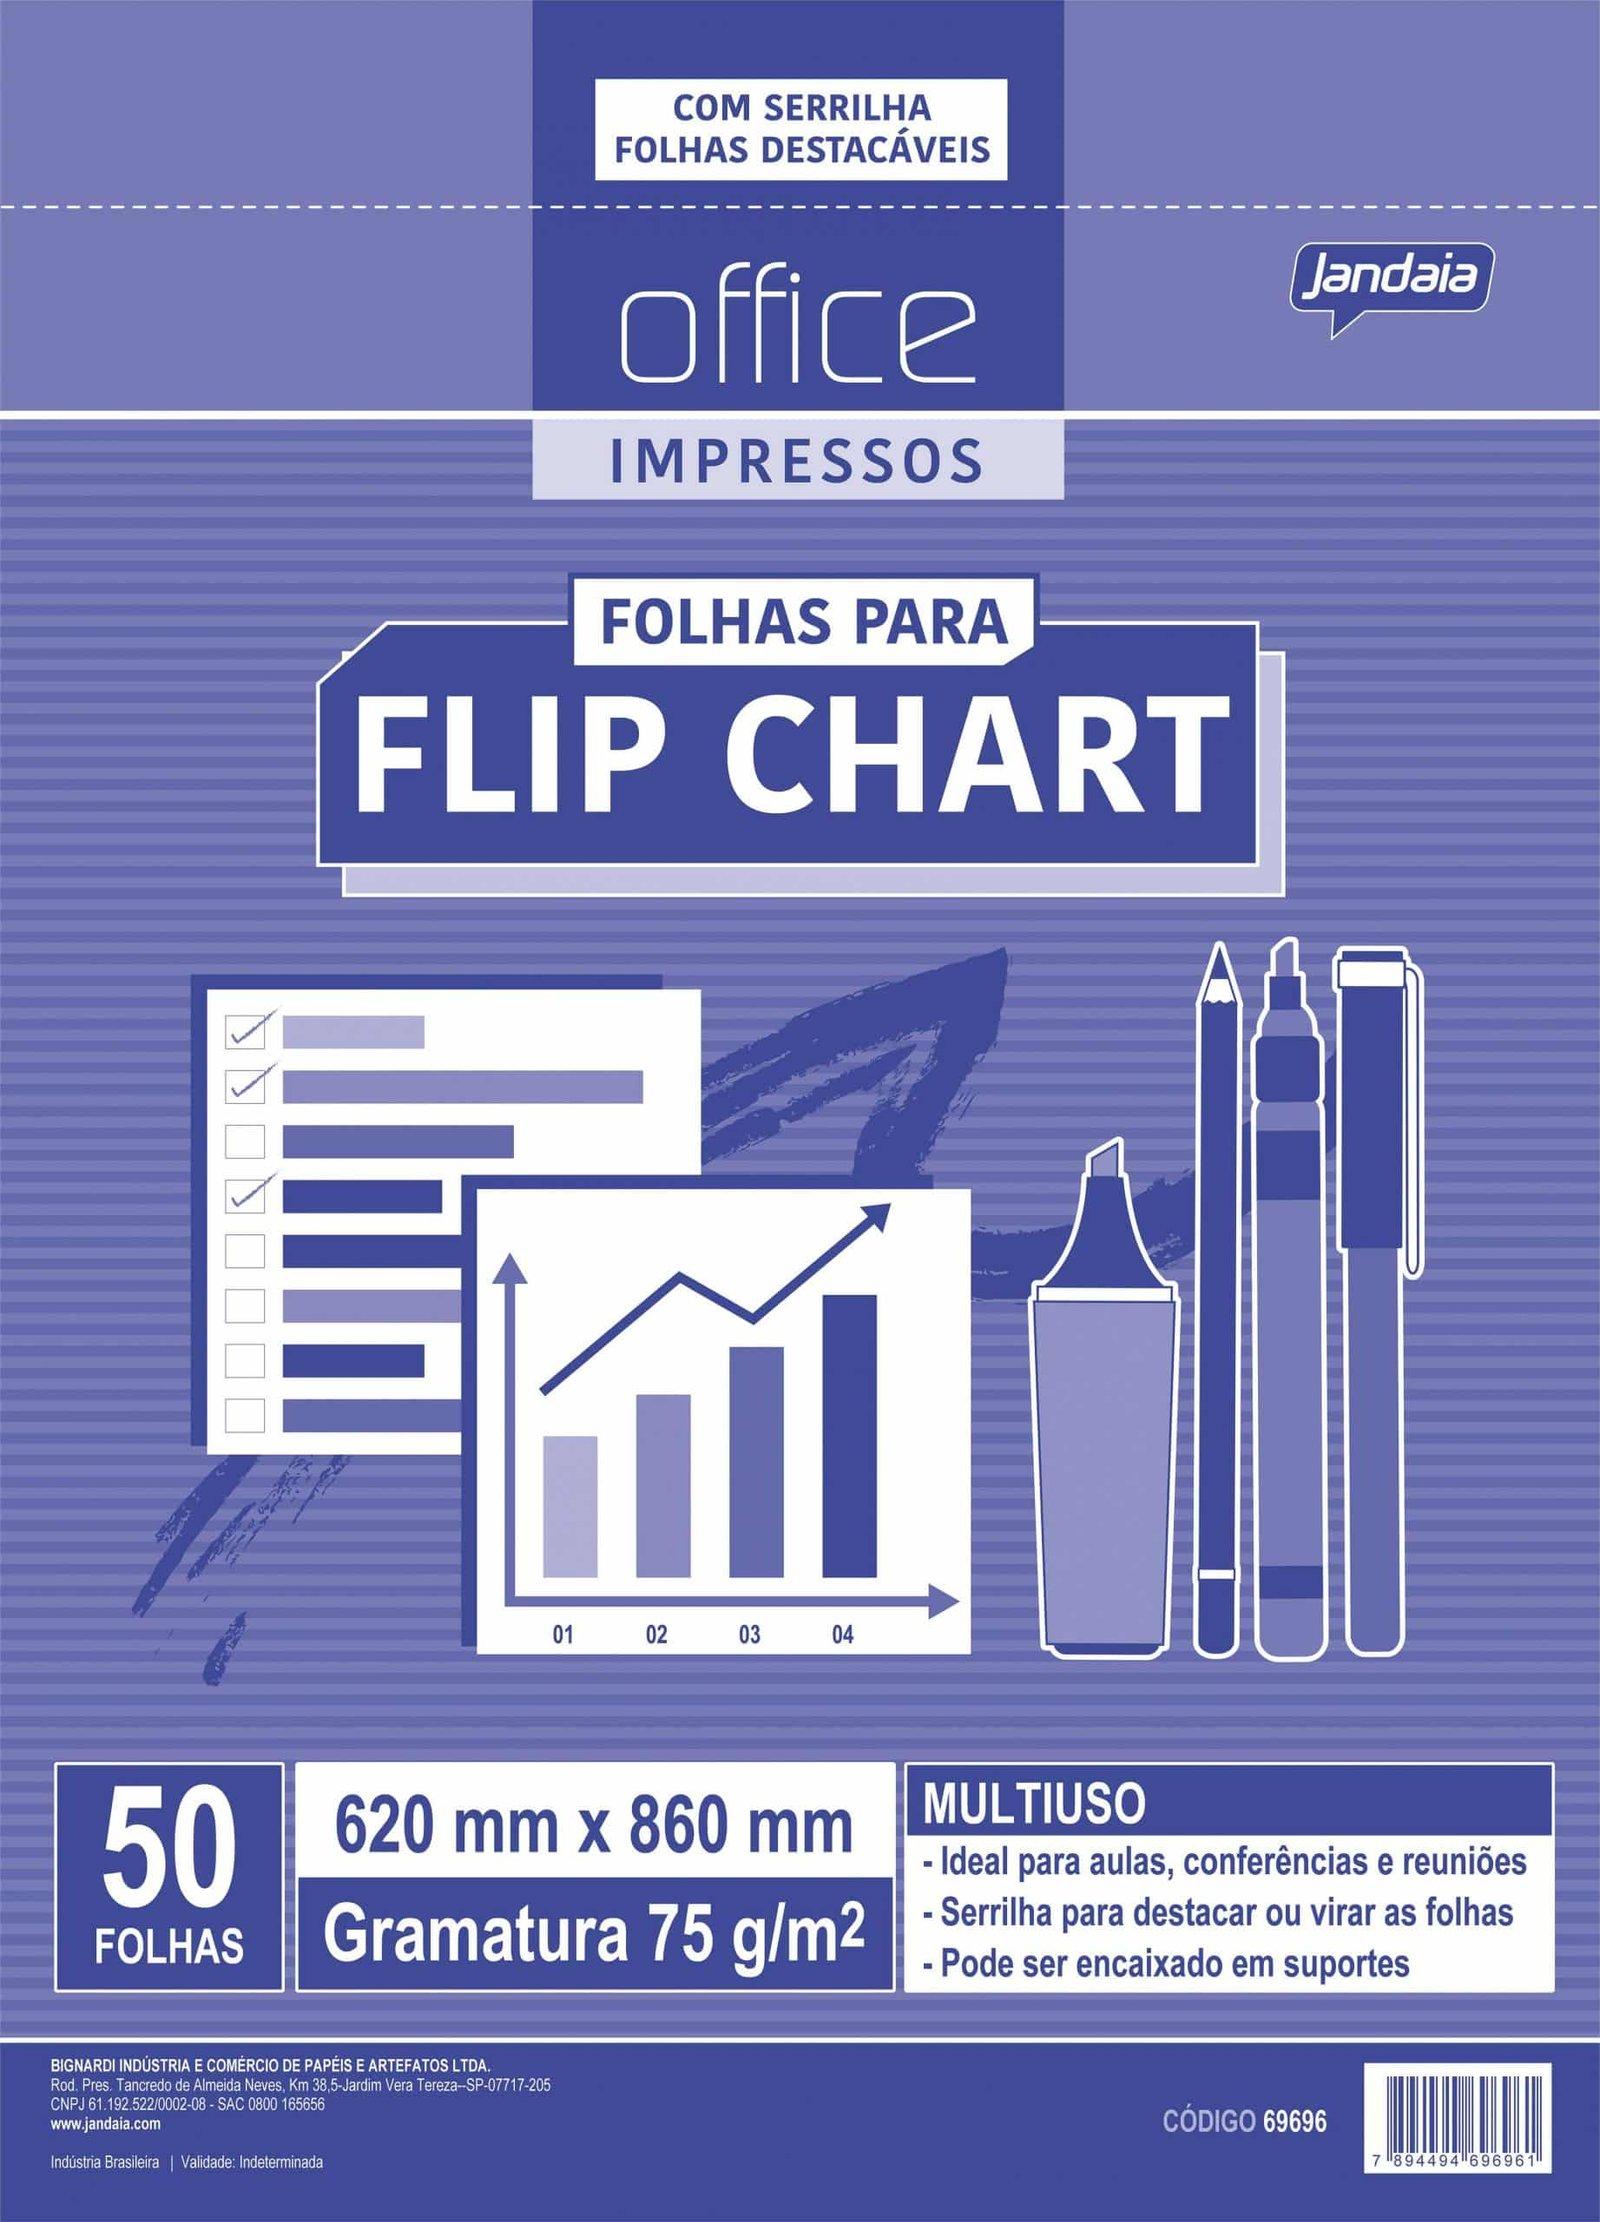 Office impressos - Folhas para flip chart - Linha 2022